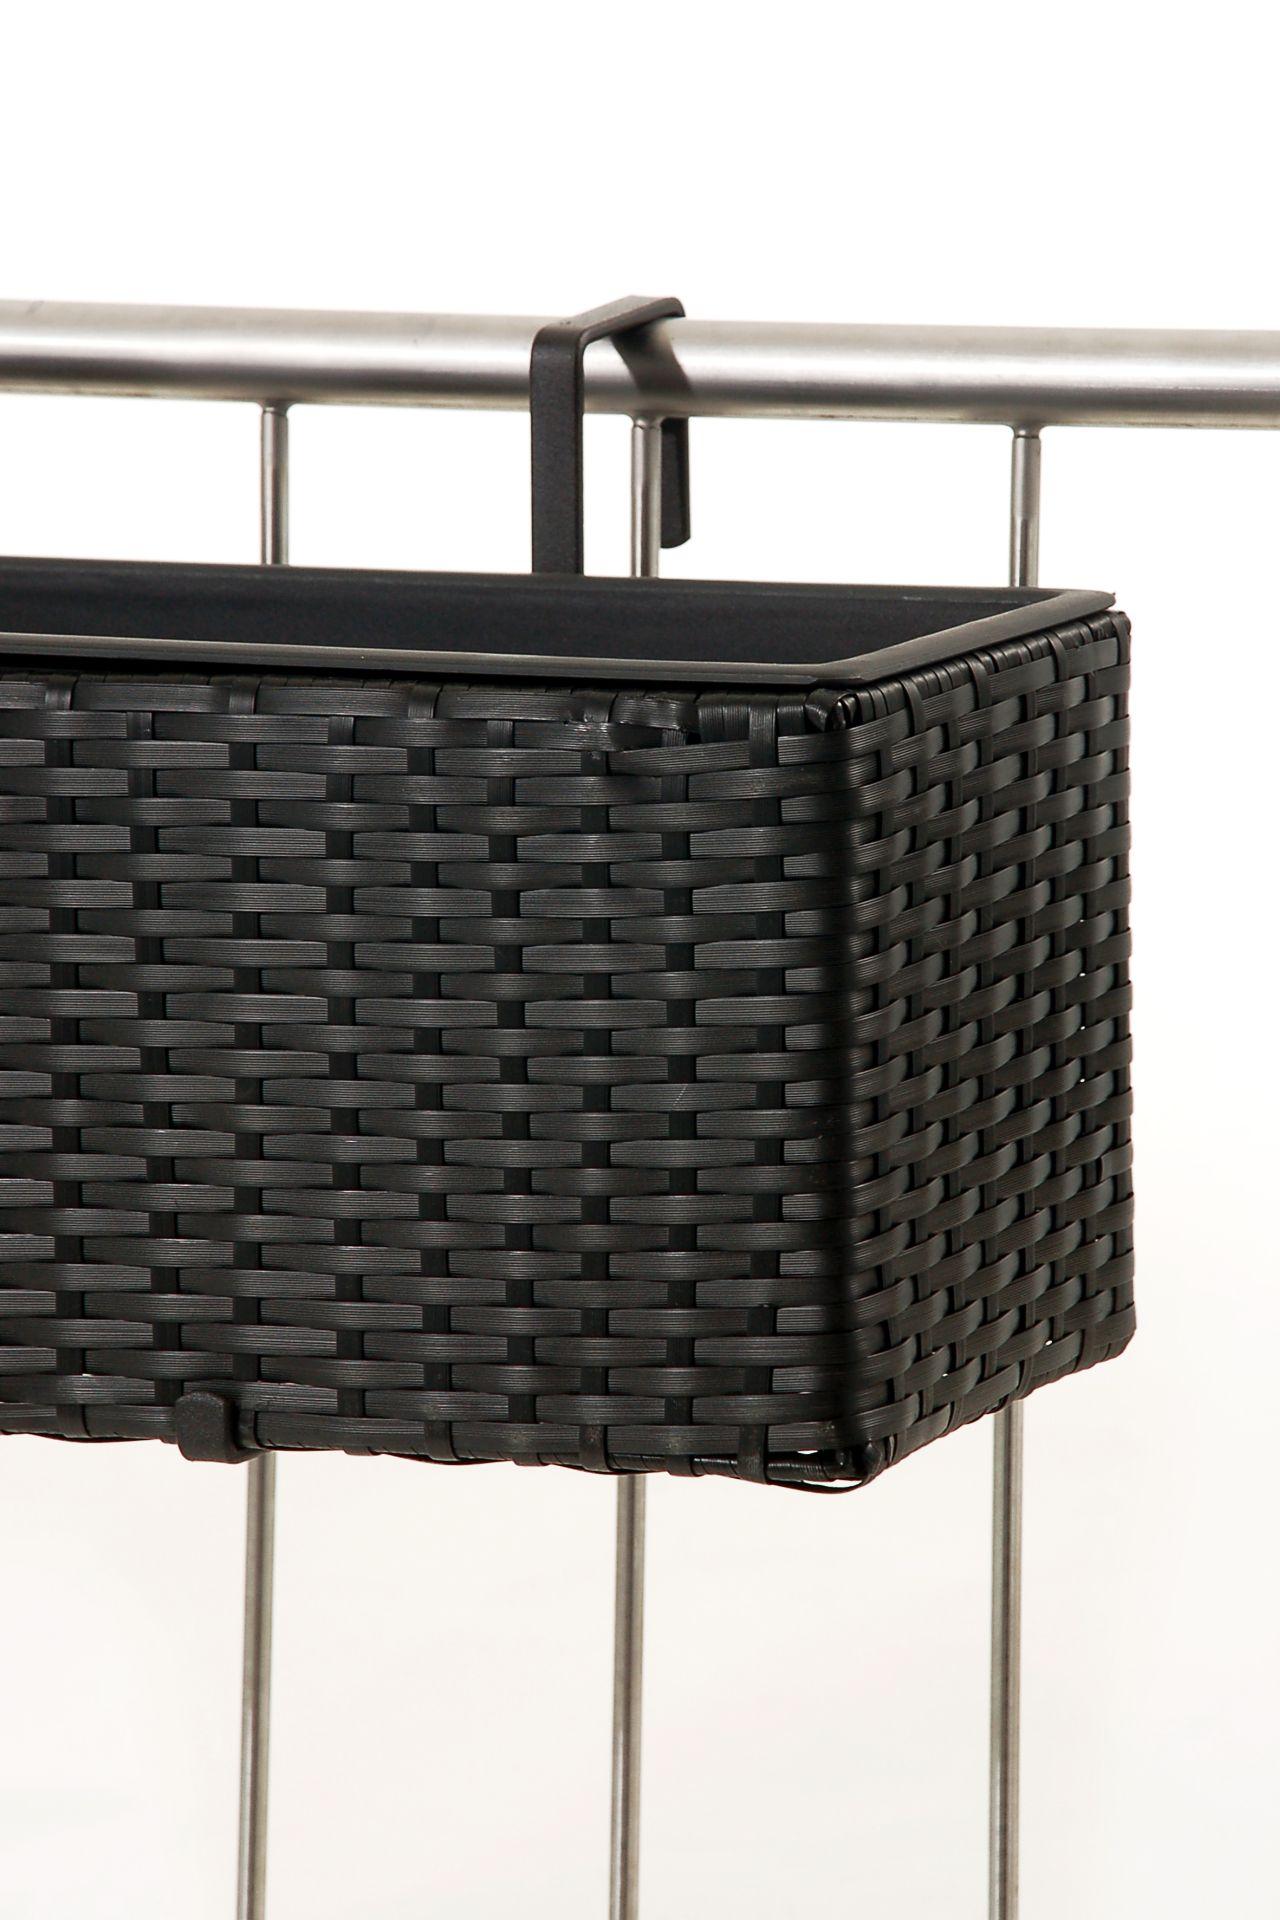 blumenkasten balkonkasten balkoni polyrattan 80 cm schwarz mit bew sserungsset ebay. Black Bedroom Furniture Sets. Home Design Ideas